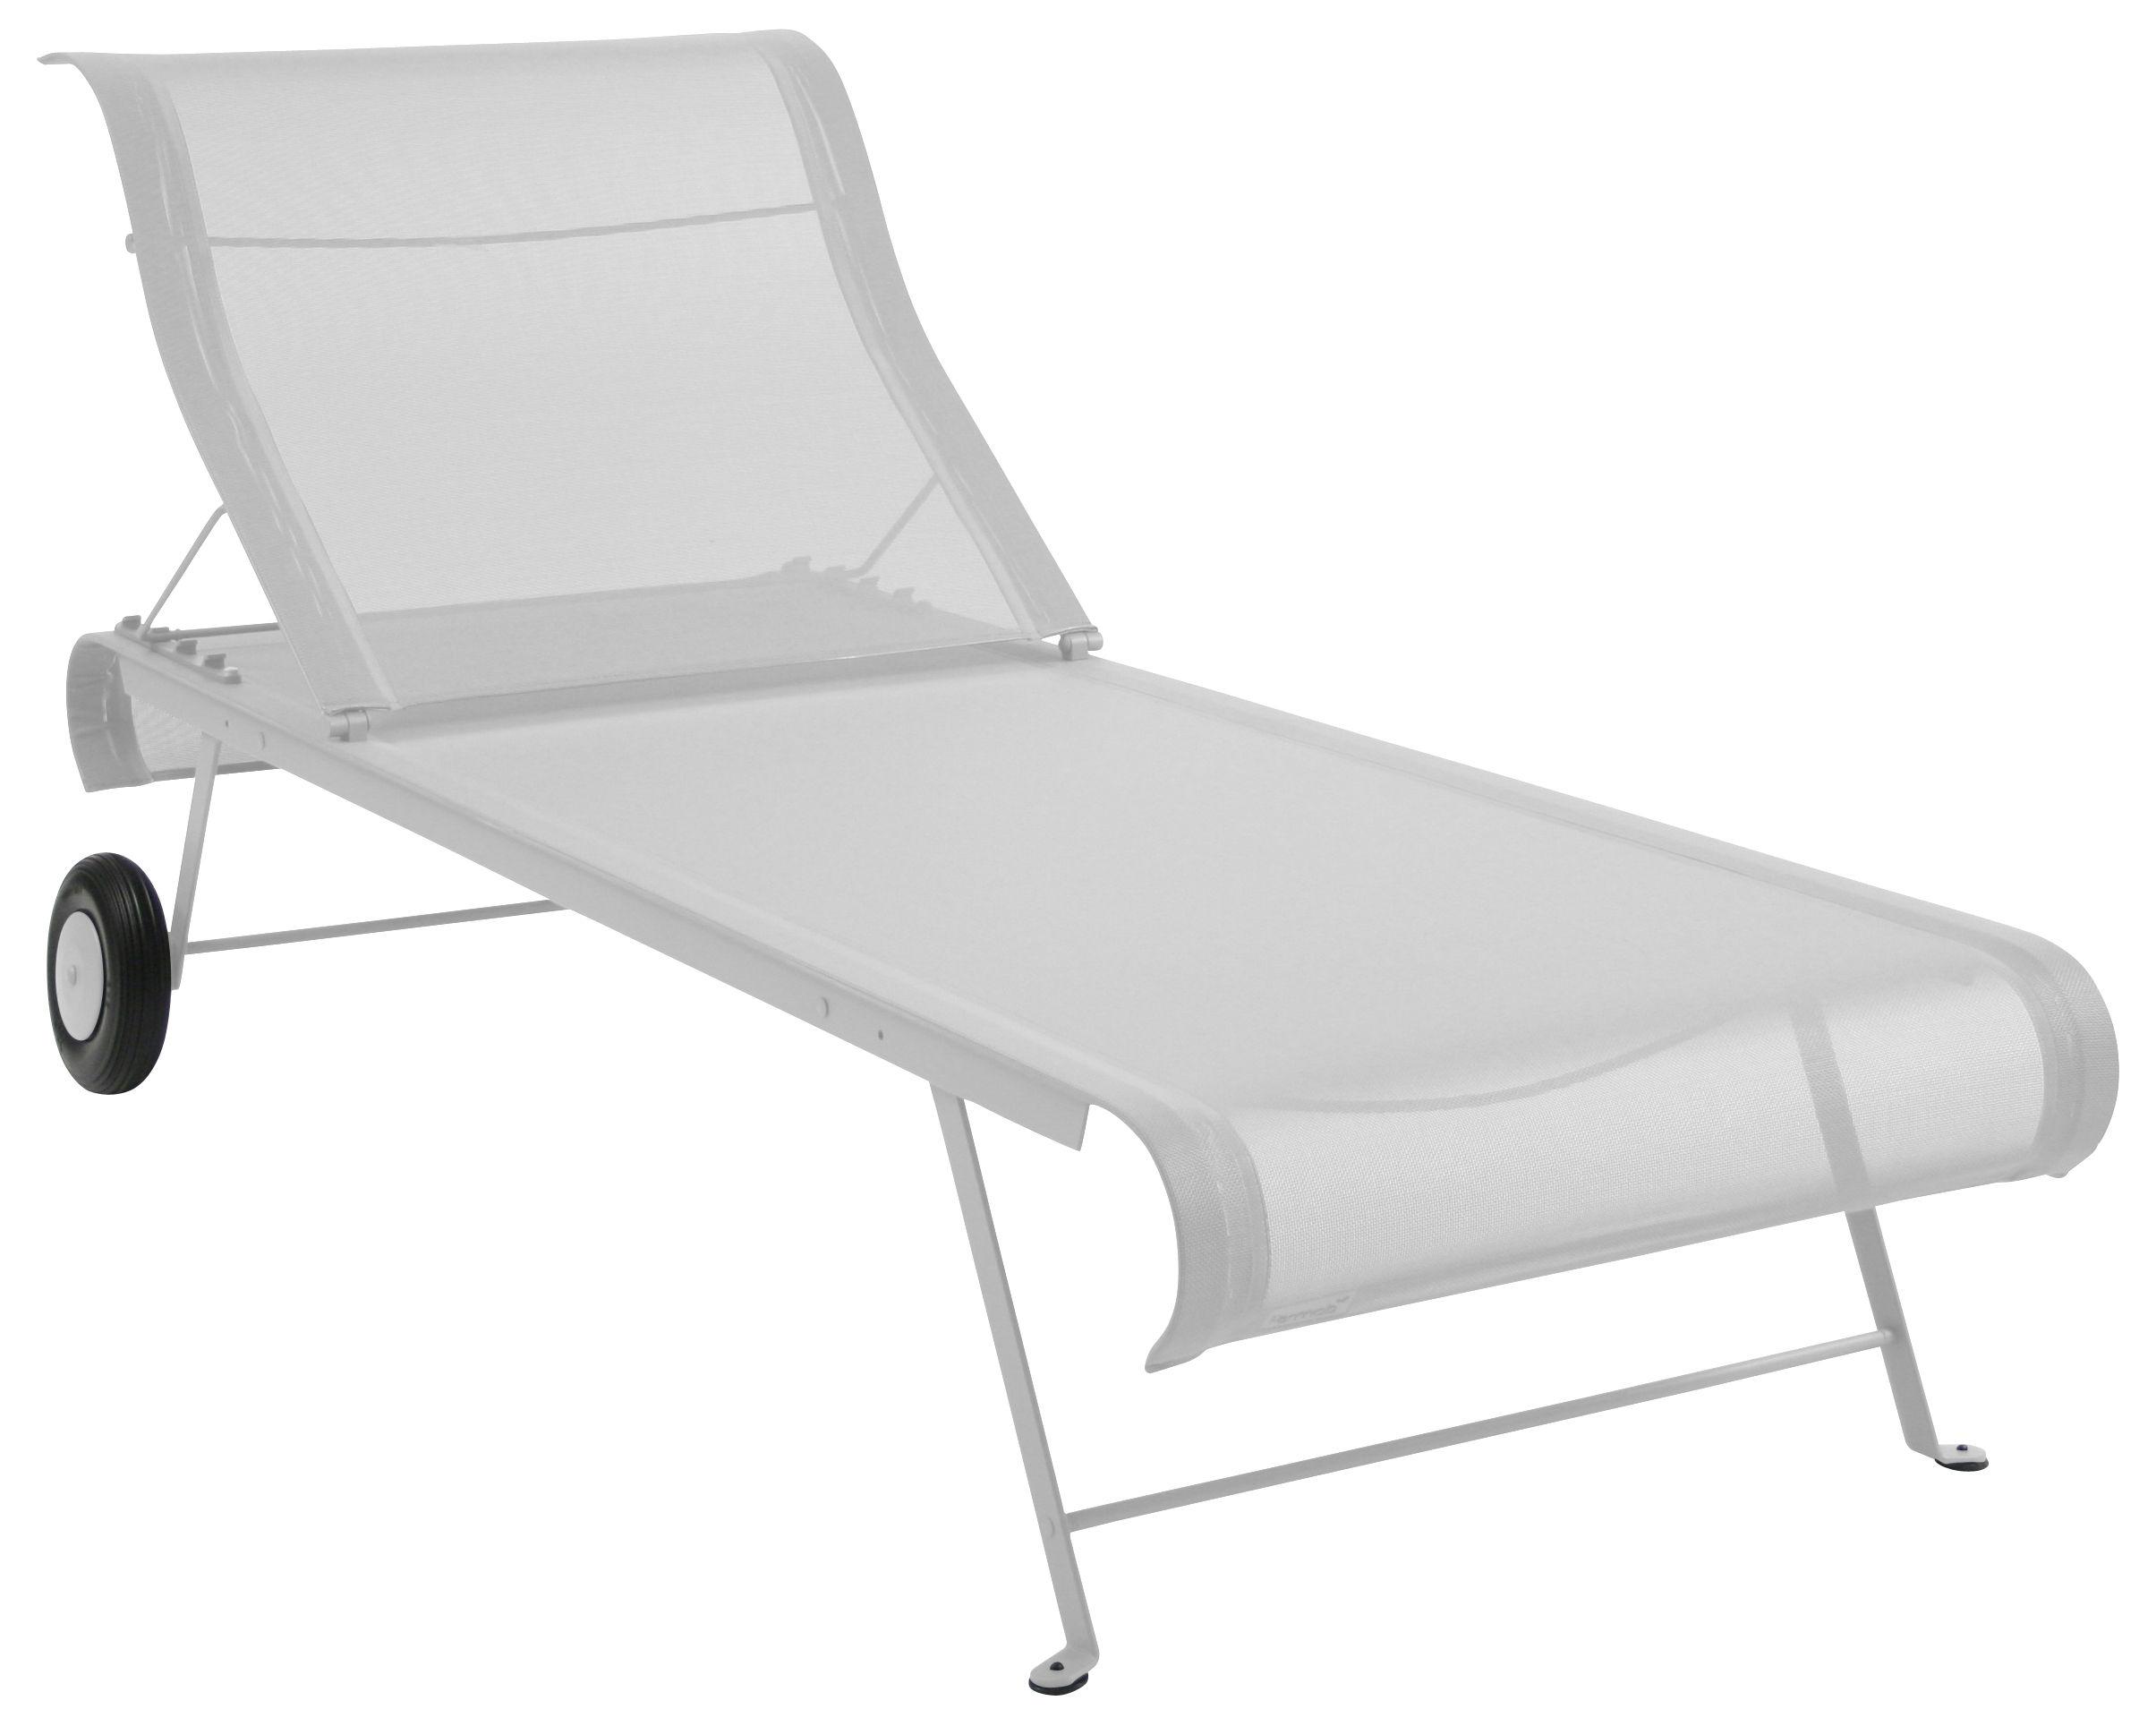 Outdoor - Liegen und Hängematten - Dune Sonnenliege - Fermob - Weiß - lackierter Stahl, Polyester-Gewebe